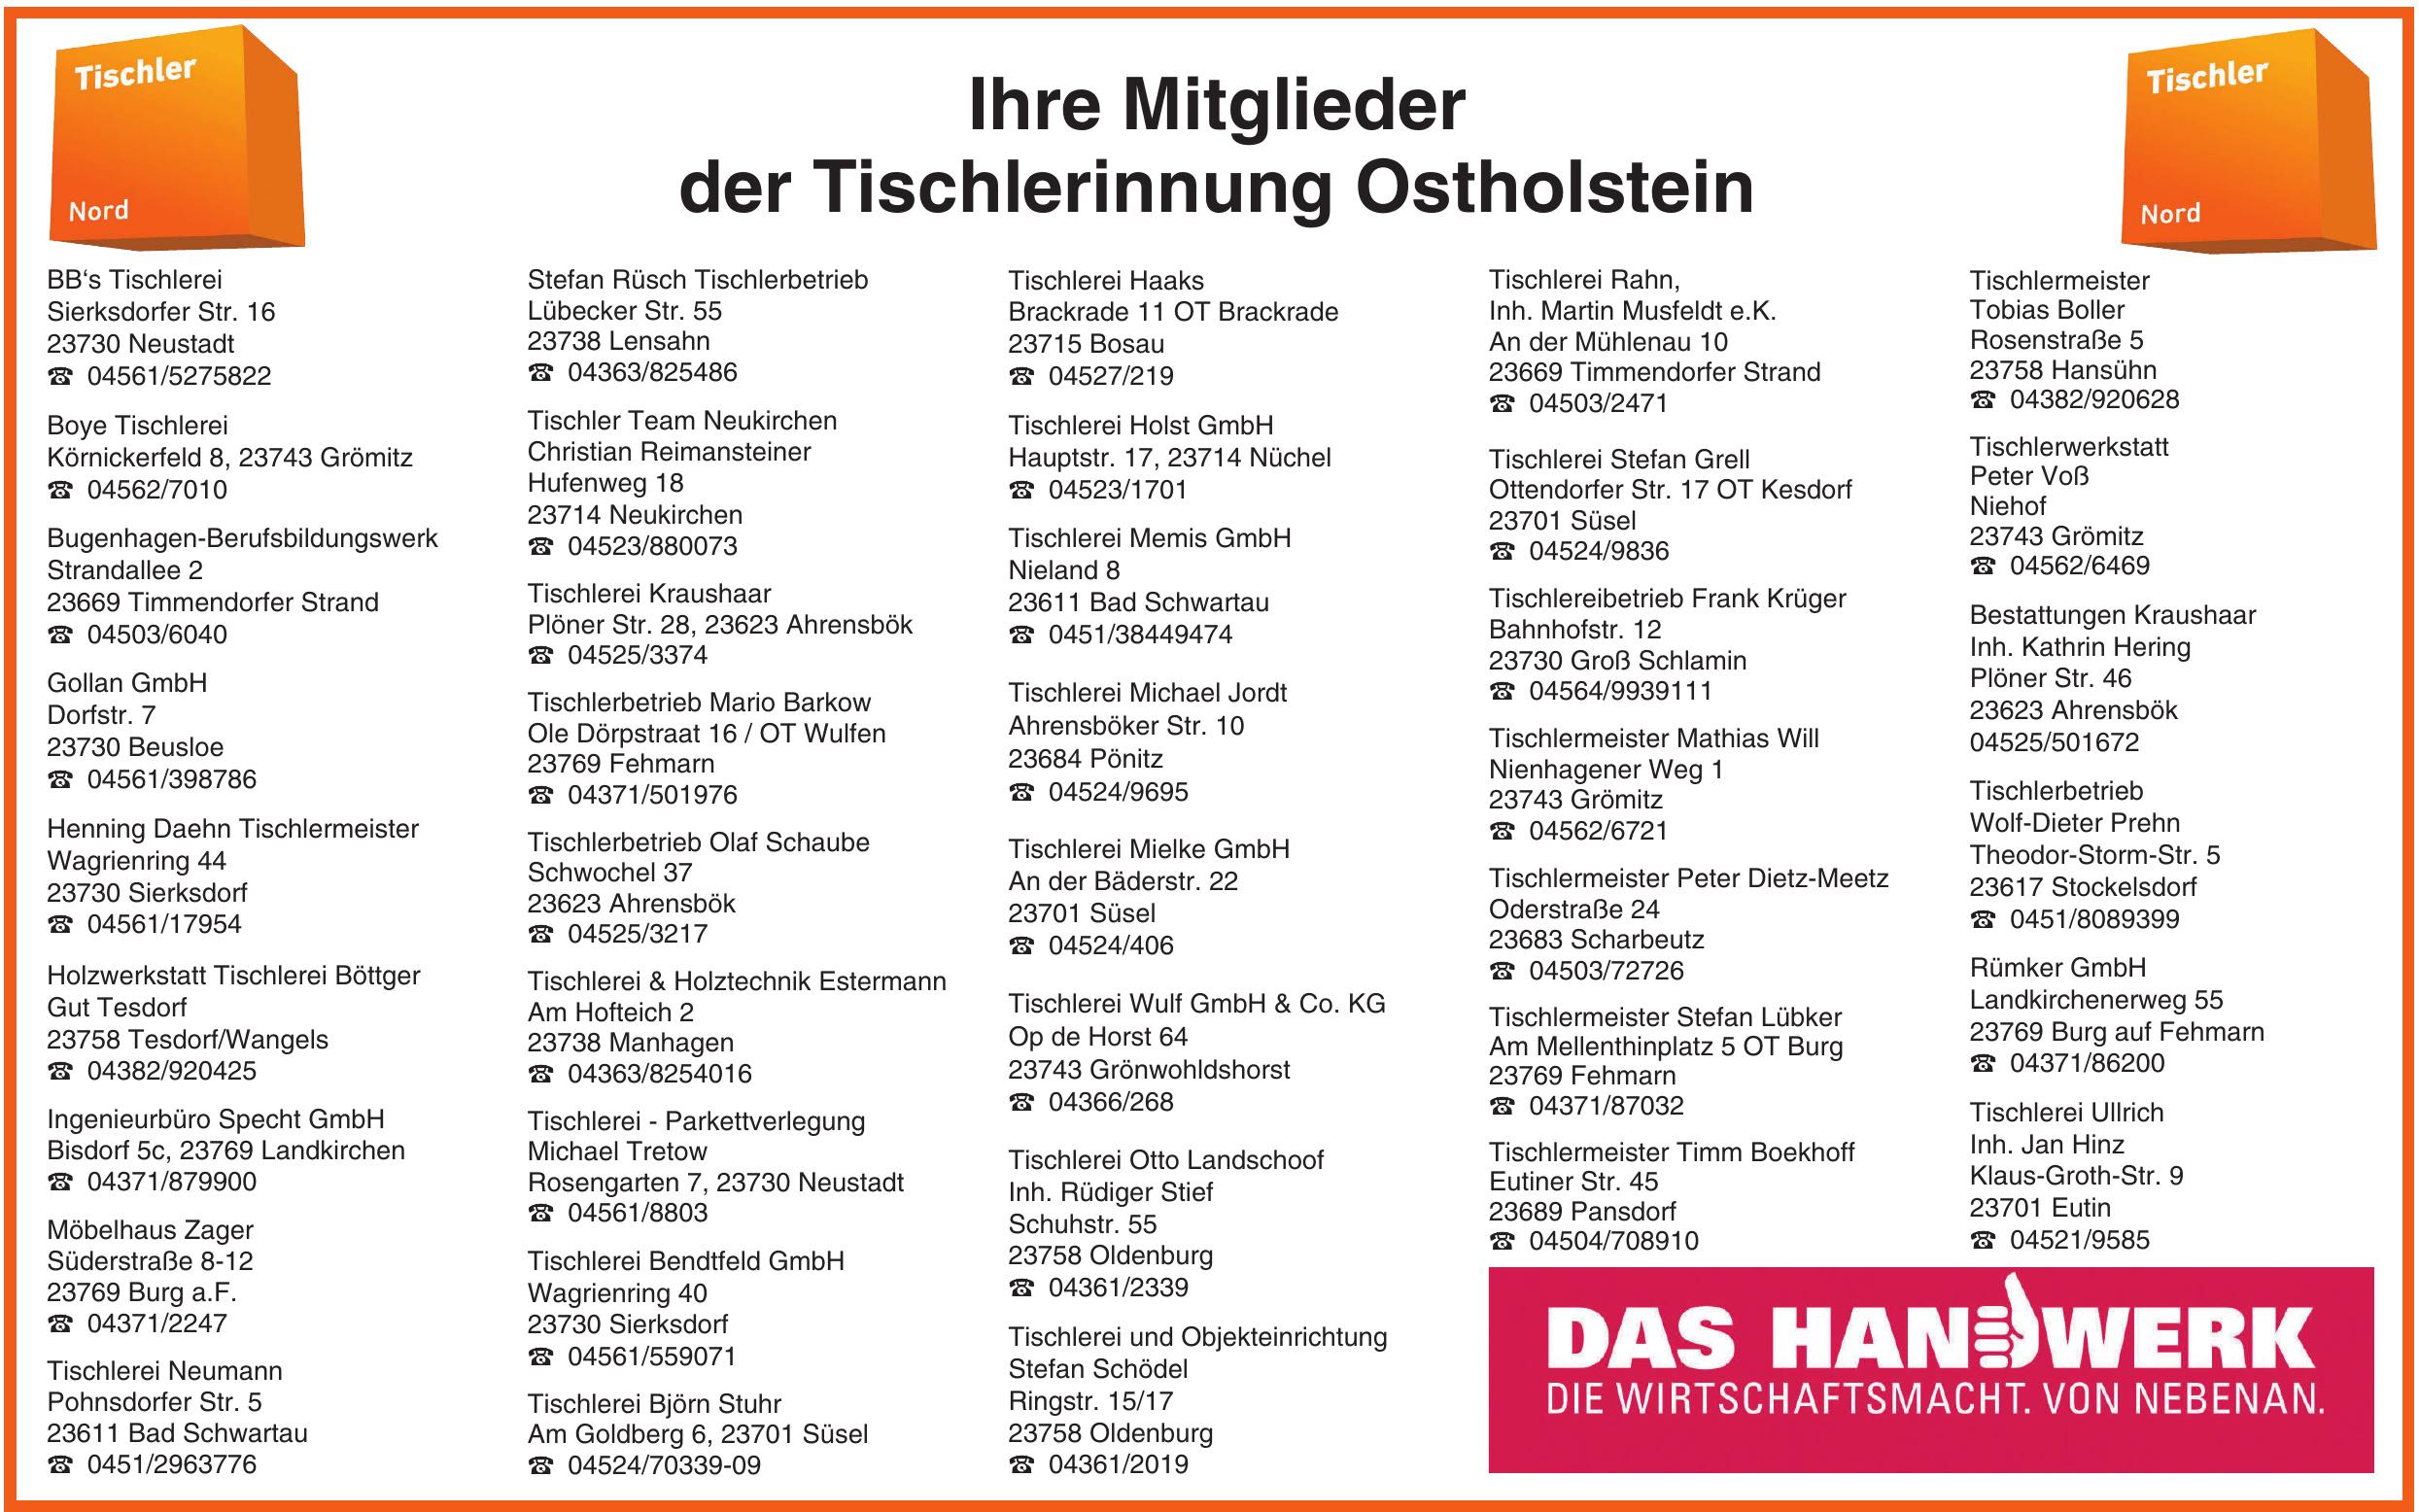 Ihre Mitglieder der Tischlerinnung Ostholstein